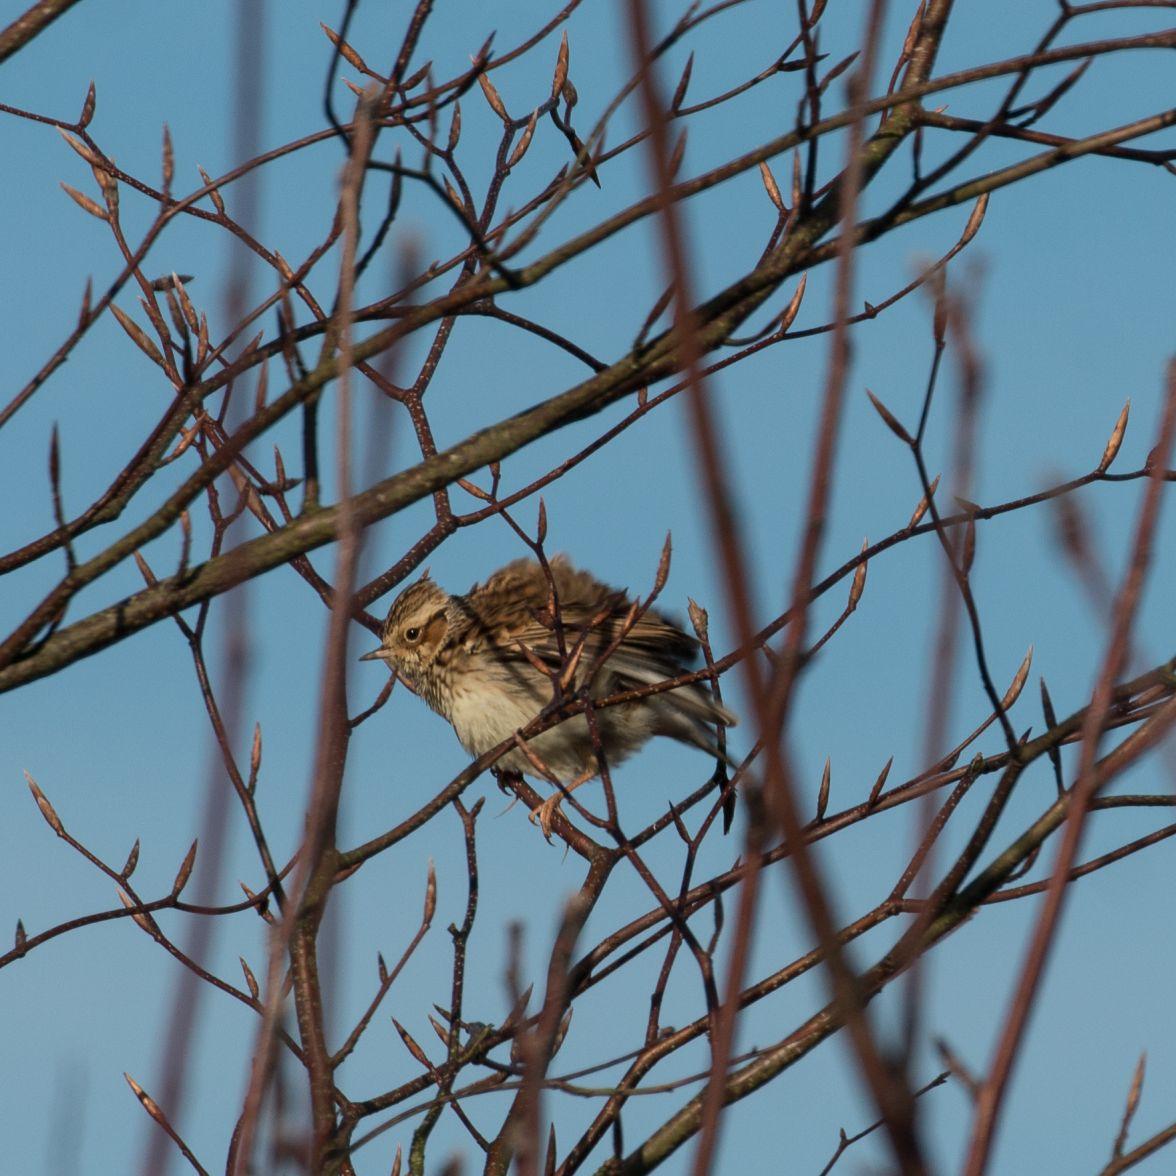 Woodlark with ruffled feathers